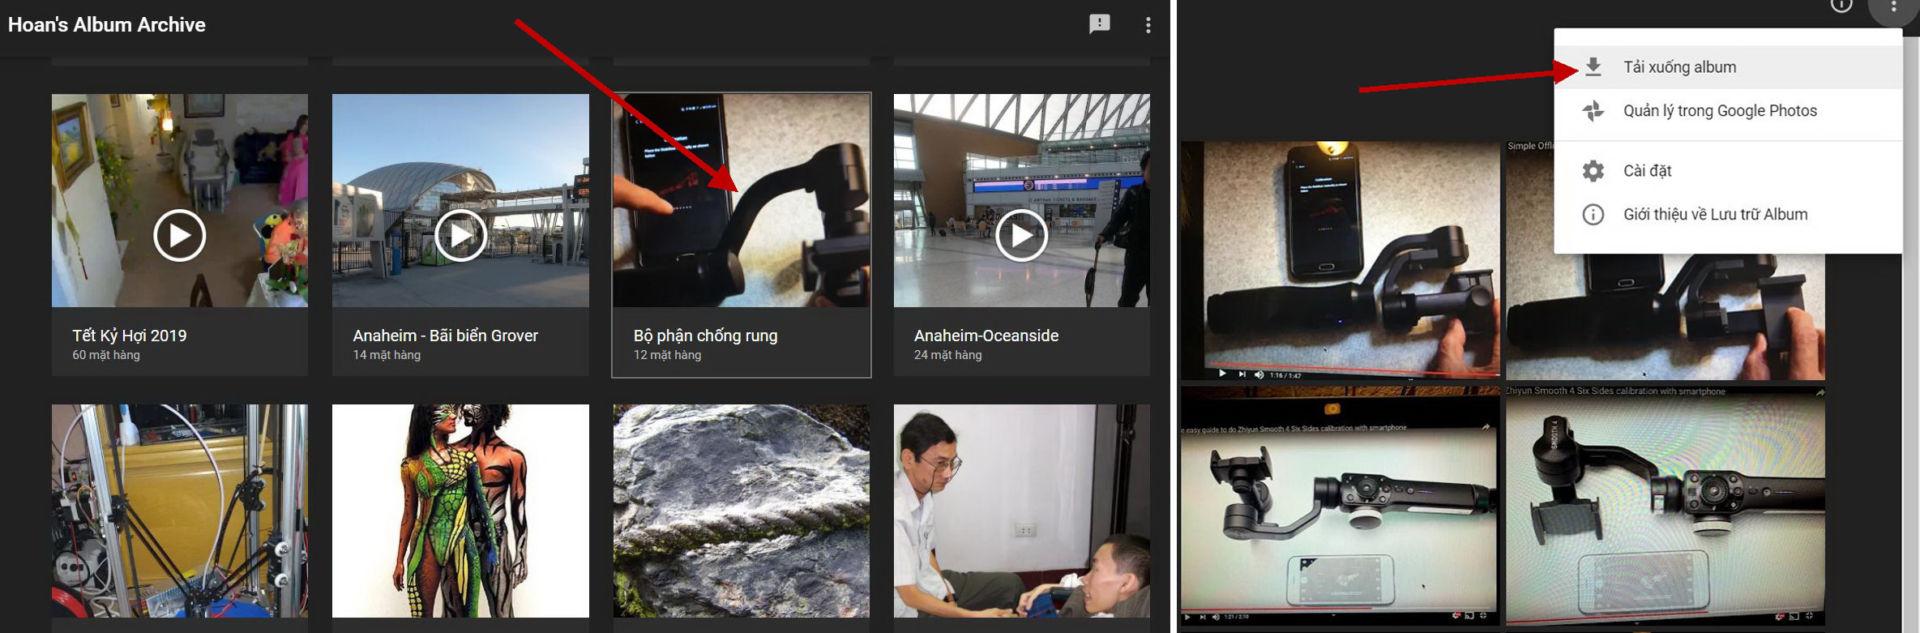 Download hình trên Google Photos về máy tính - 5